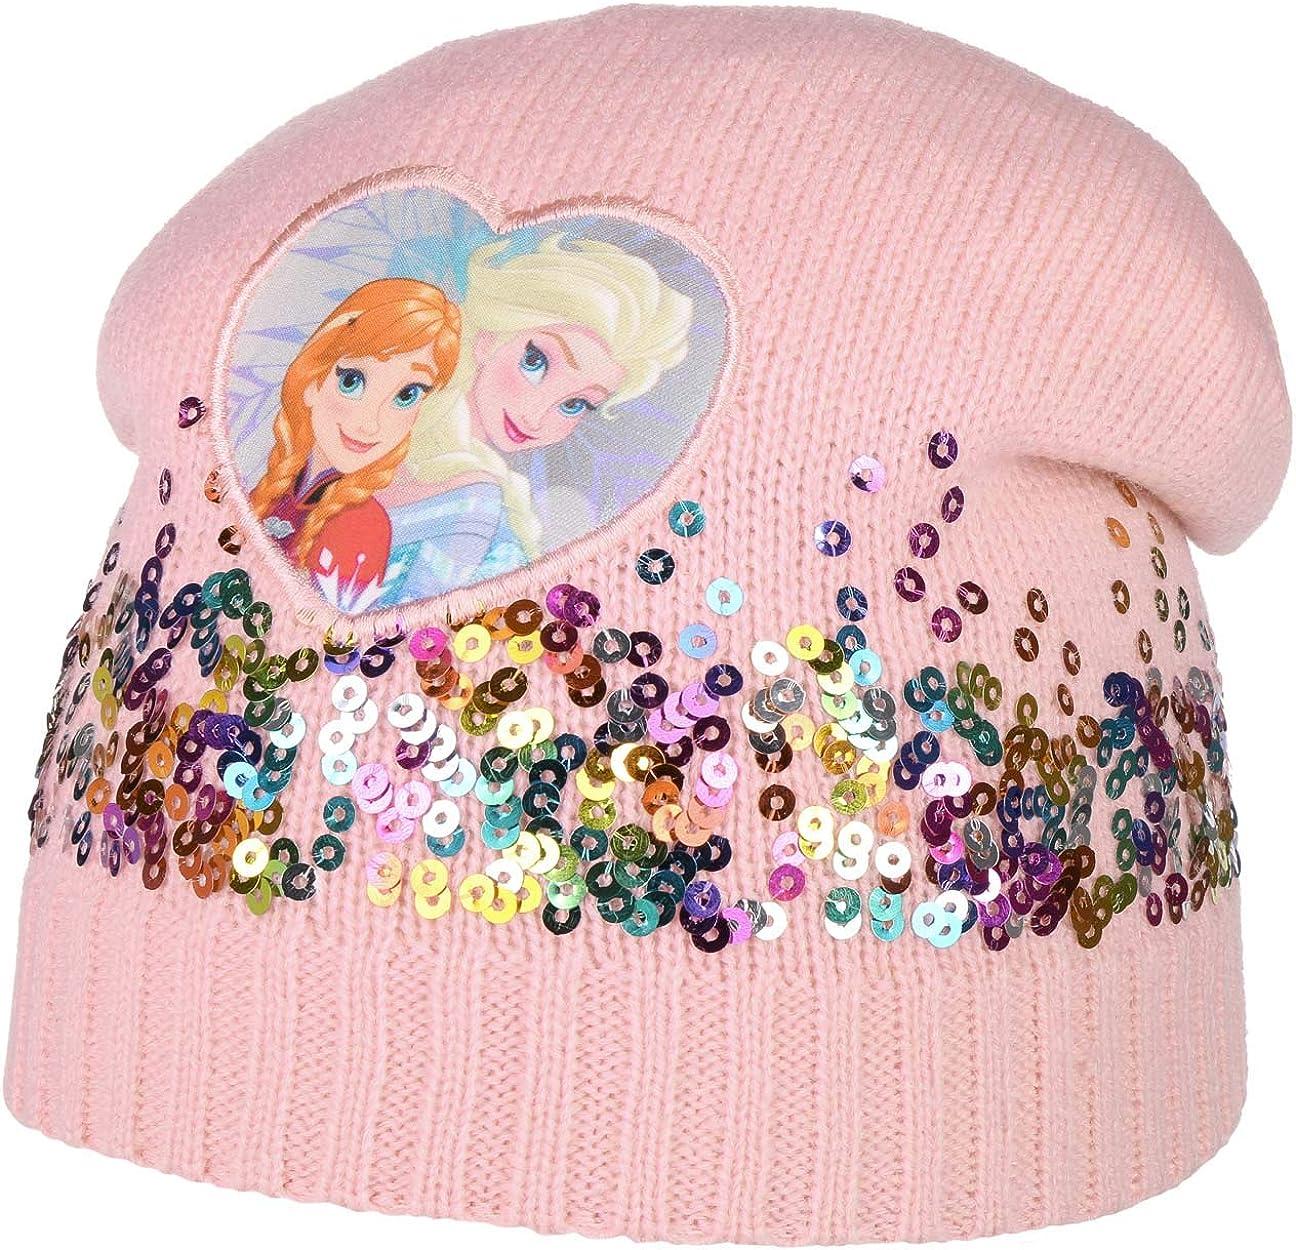 /écharpe et gants Fille Multicolore multicolore taille unique Ensemble bonnet Die Eisk/önigin Frozen